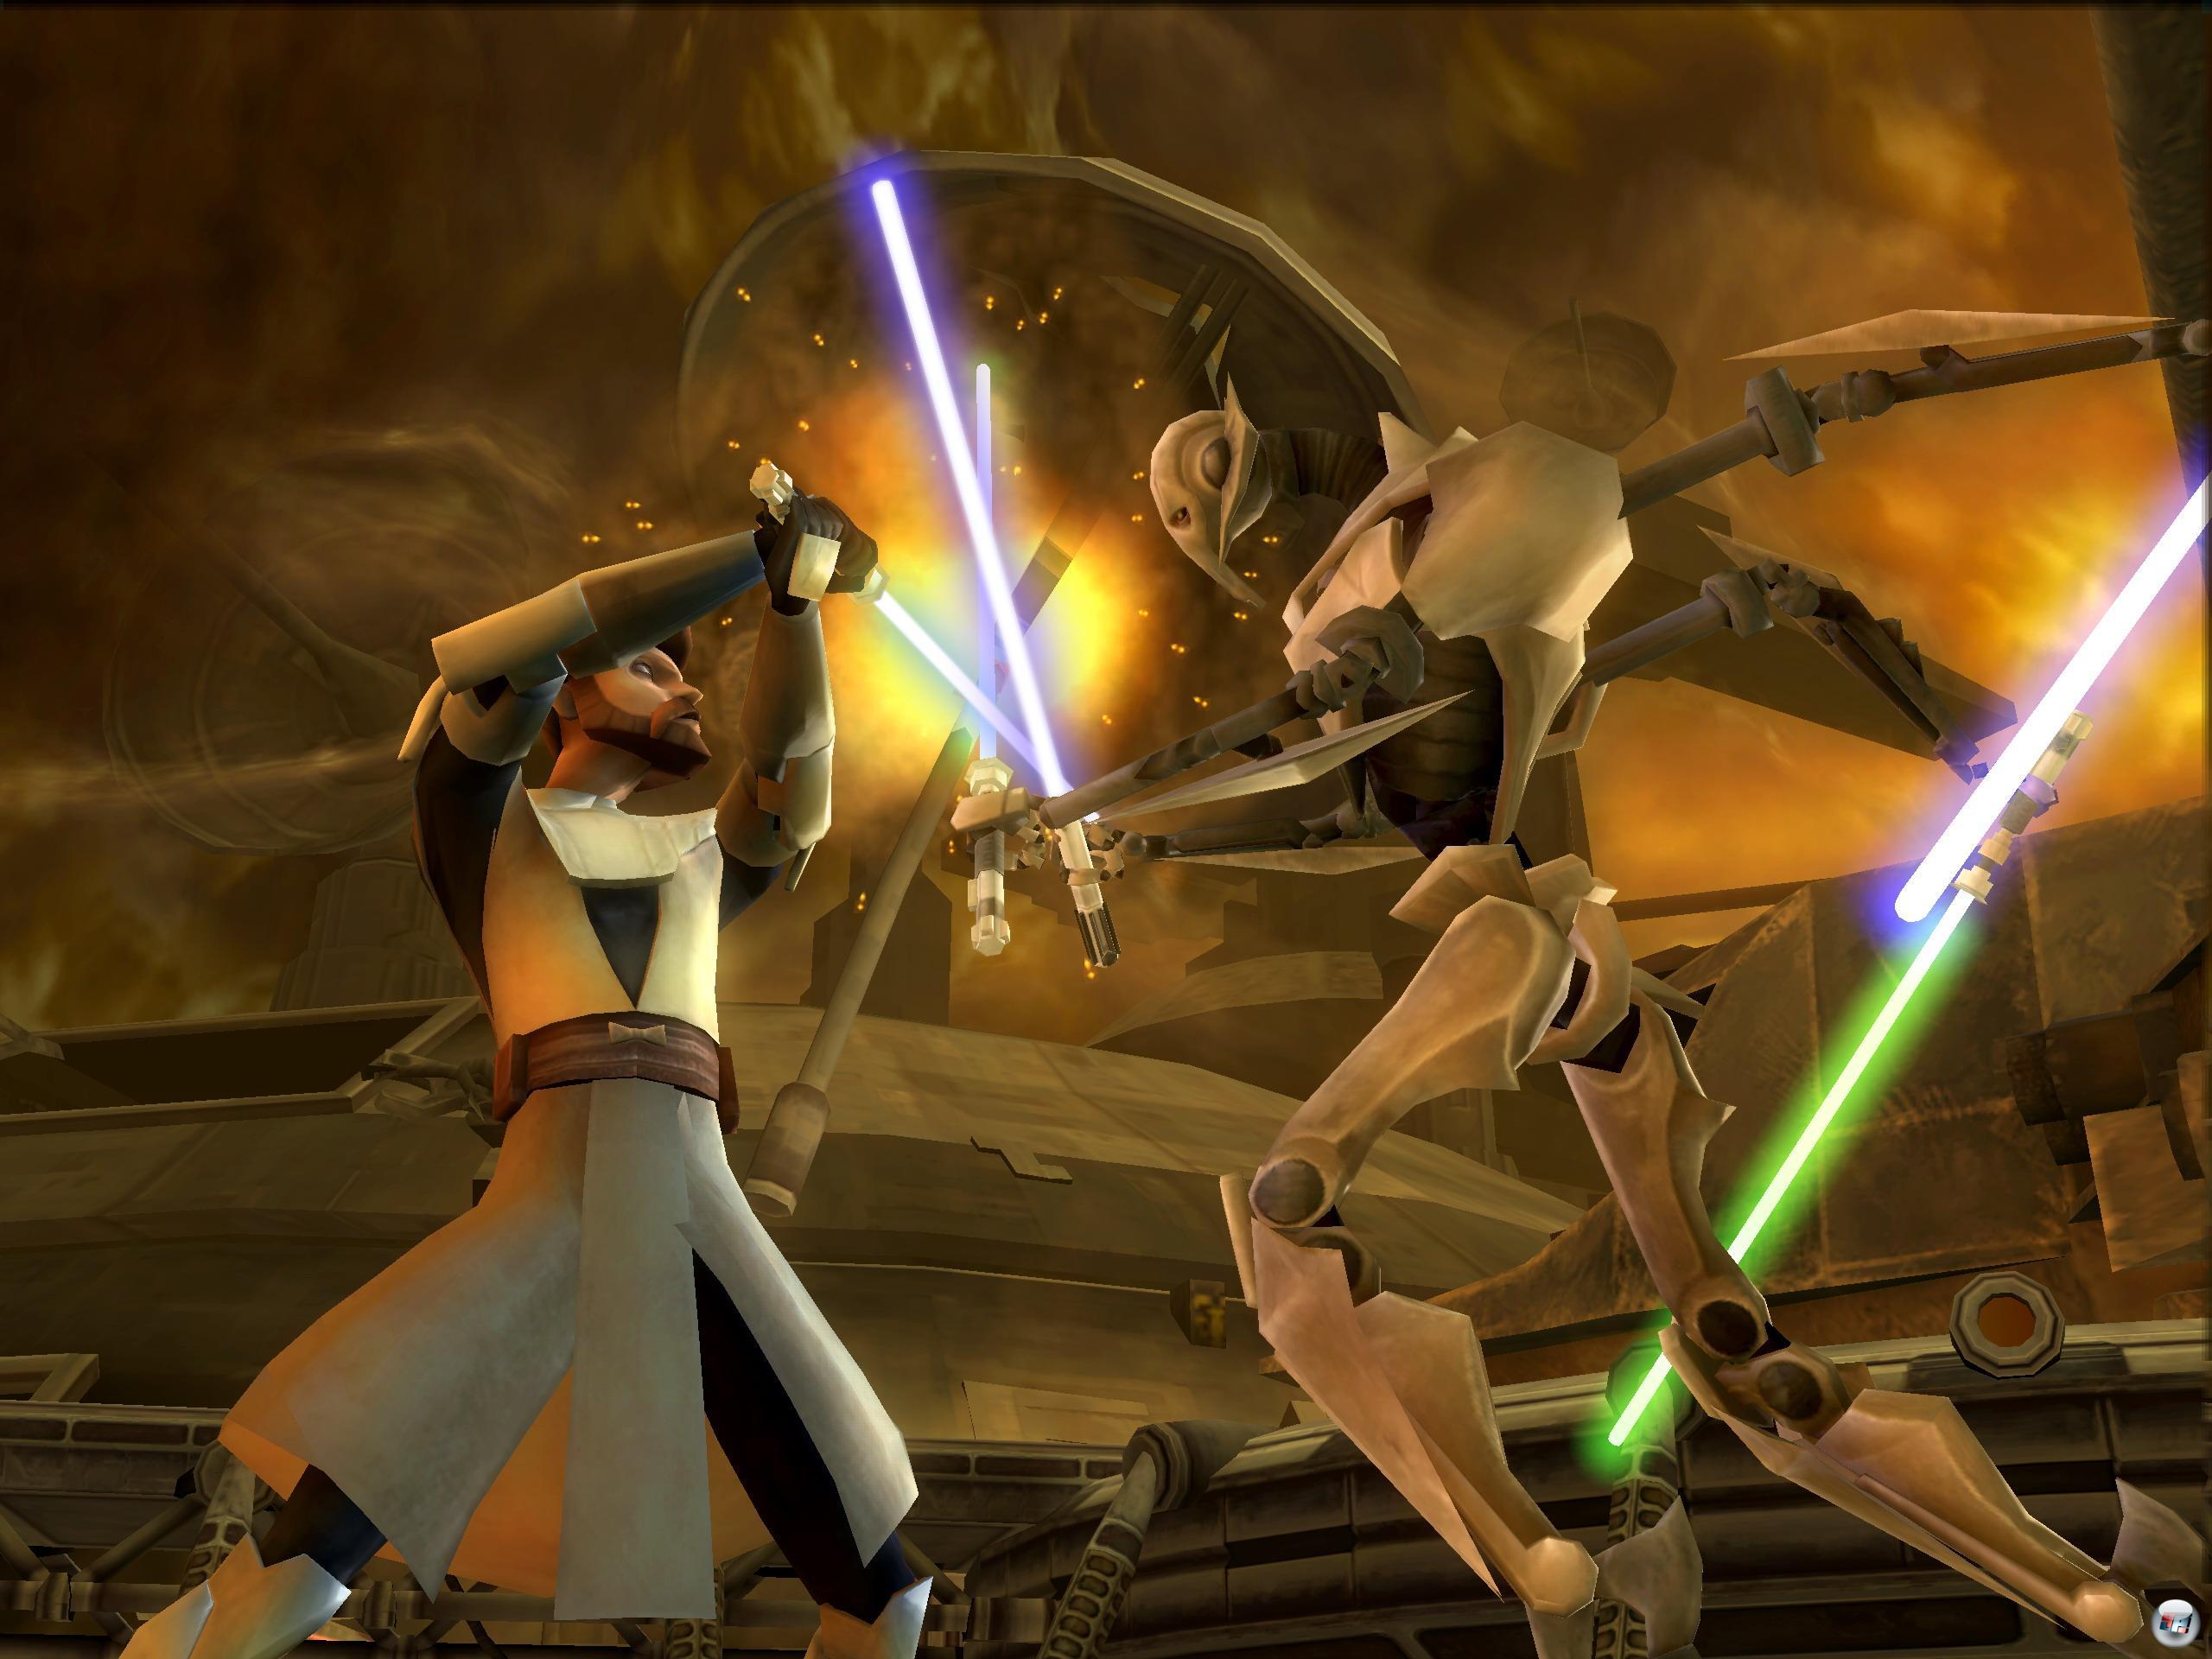 Star Wars Lightsaber Duels Game.